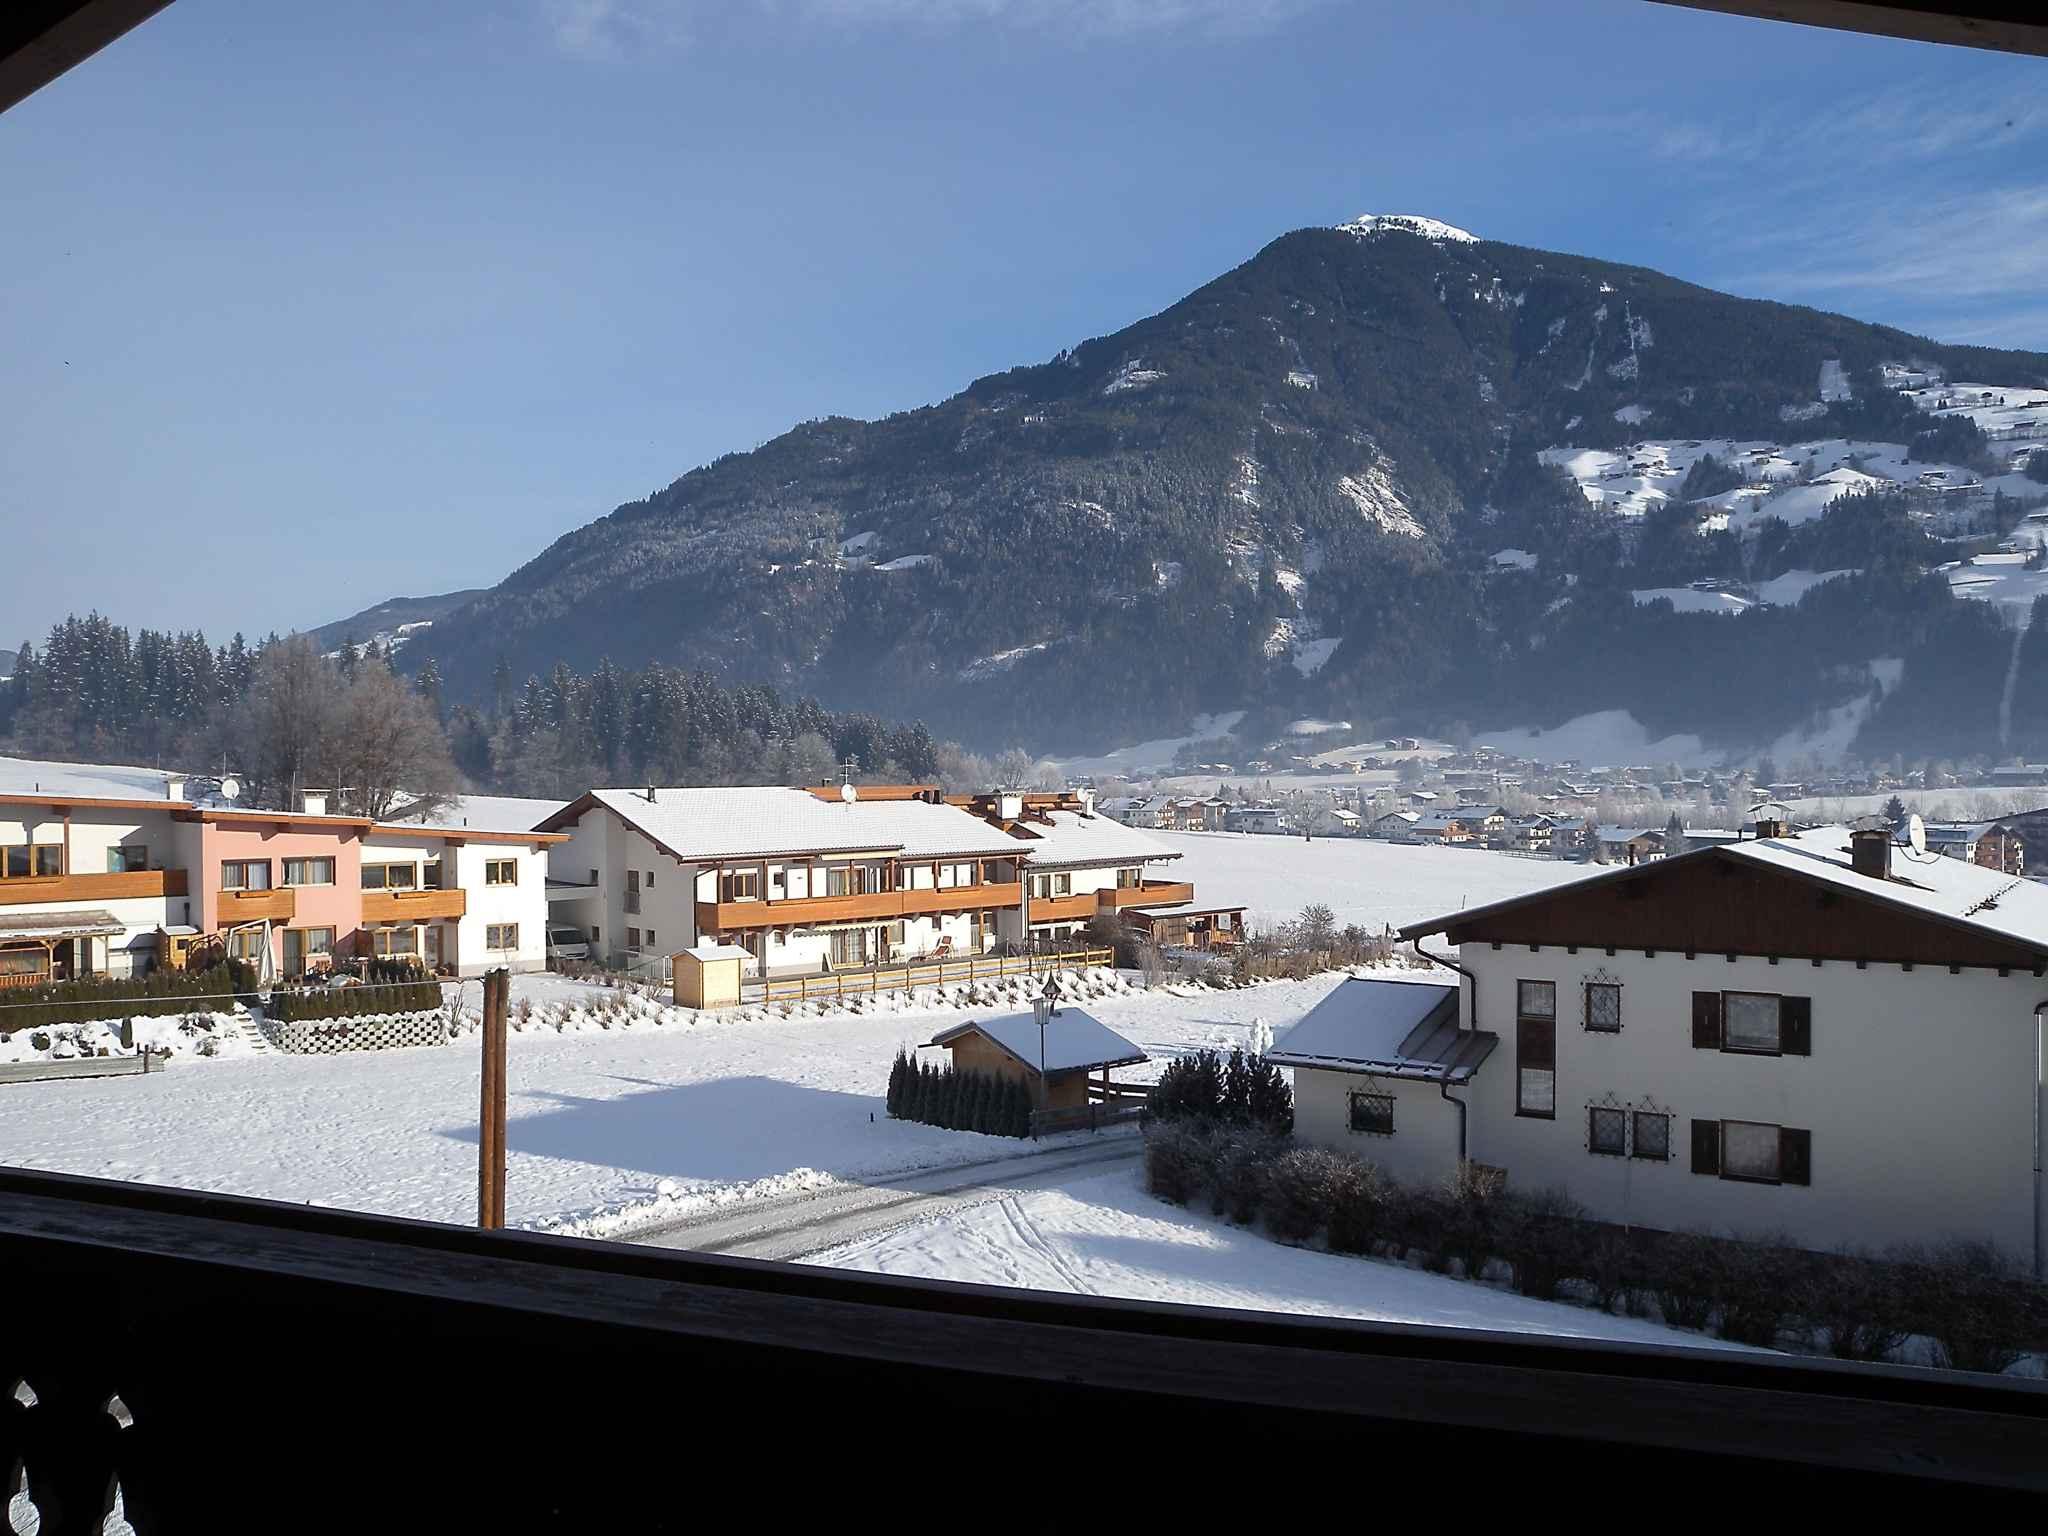 Ferienwohnung mit Balkon in Zentrumsnähe (283769), Kaltenbach, Zillertal, Tirol, Österreich, Bild 7